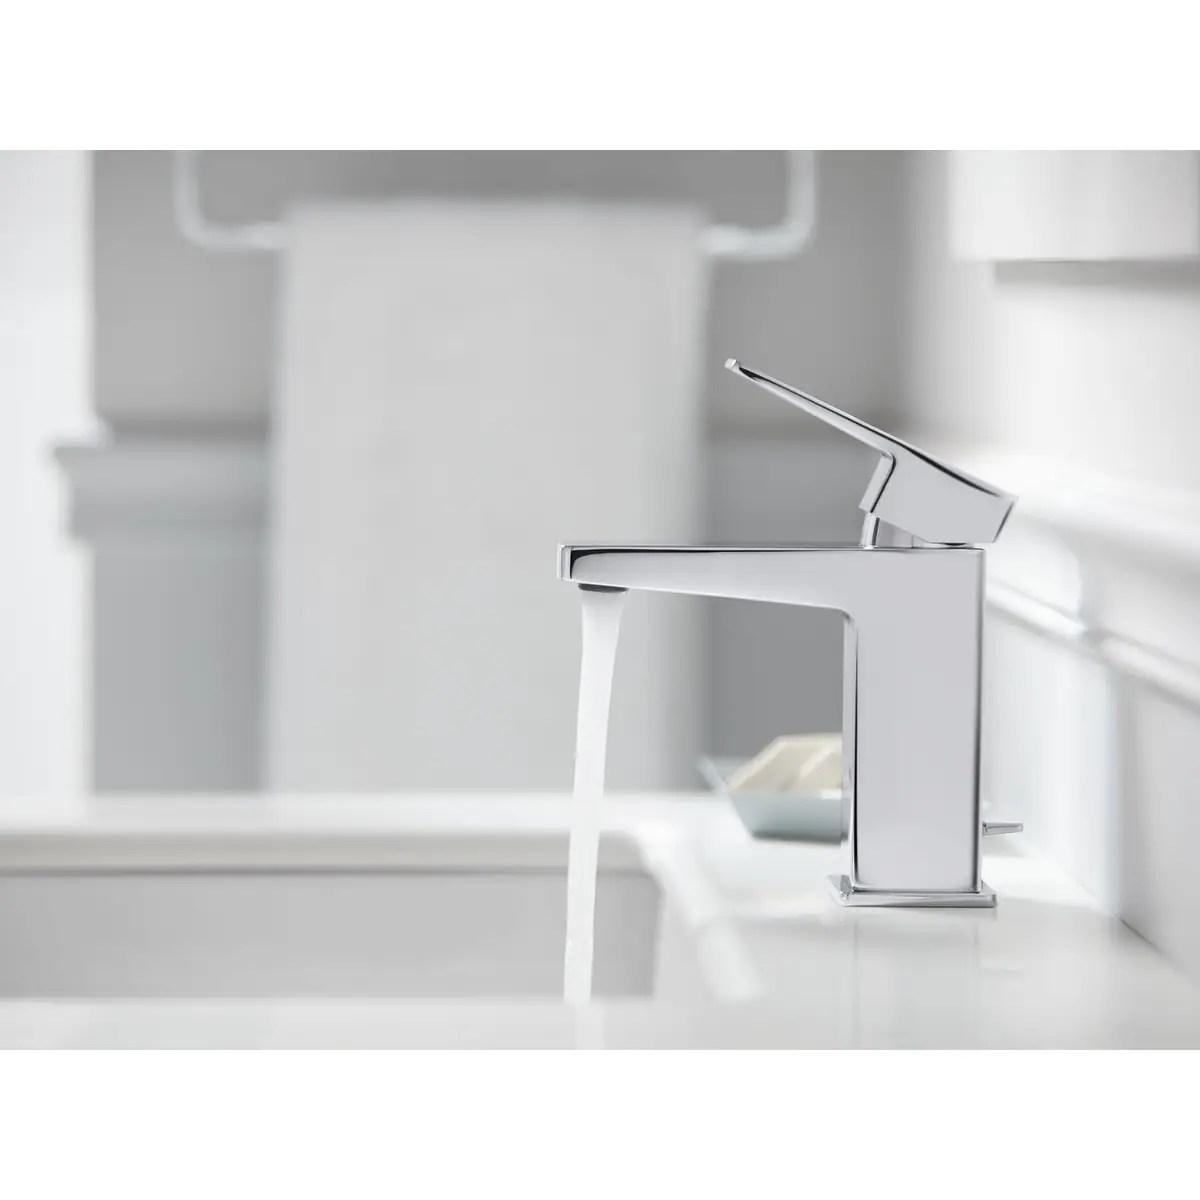 kohler honesty single handle bathroom sink faucet polished chrome